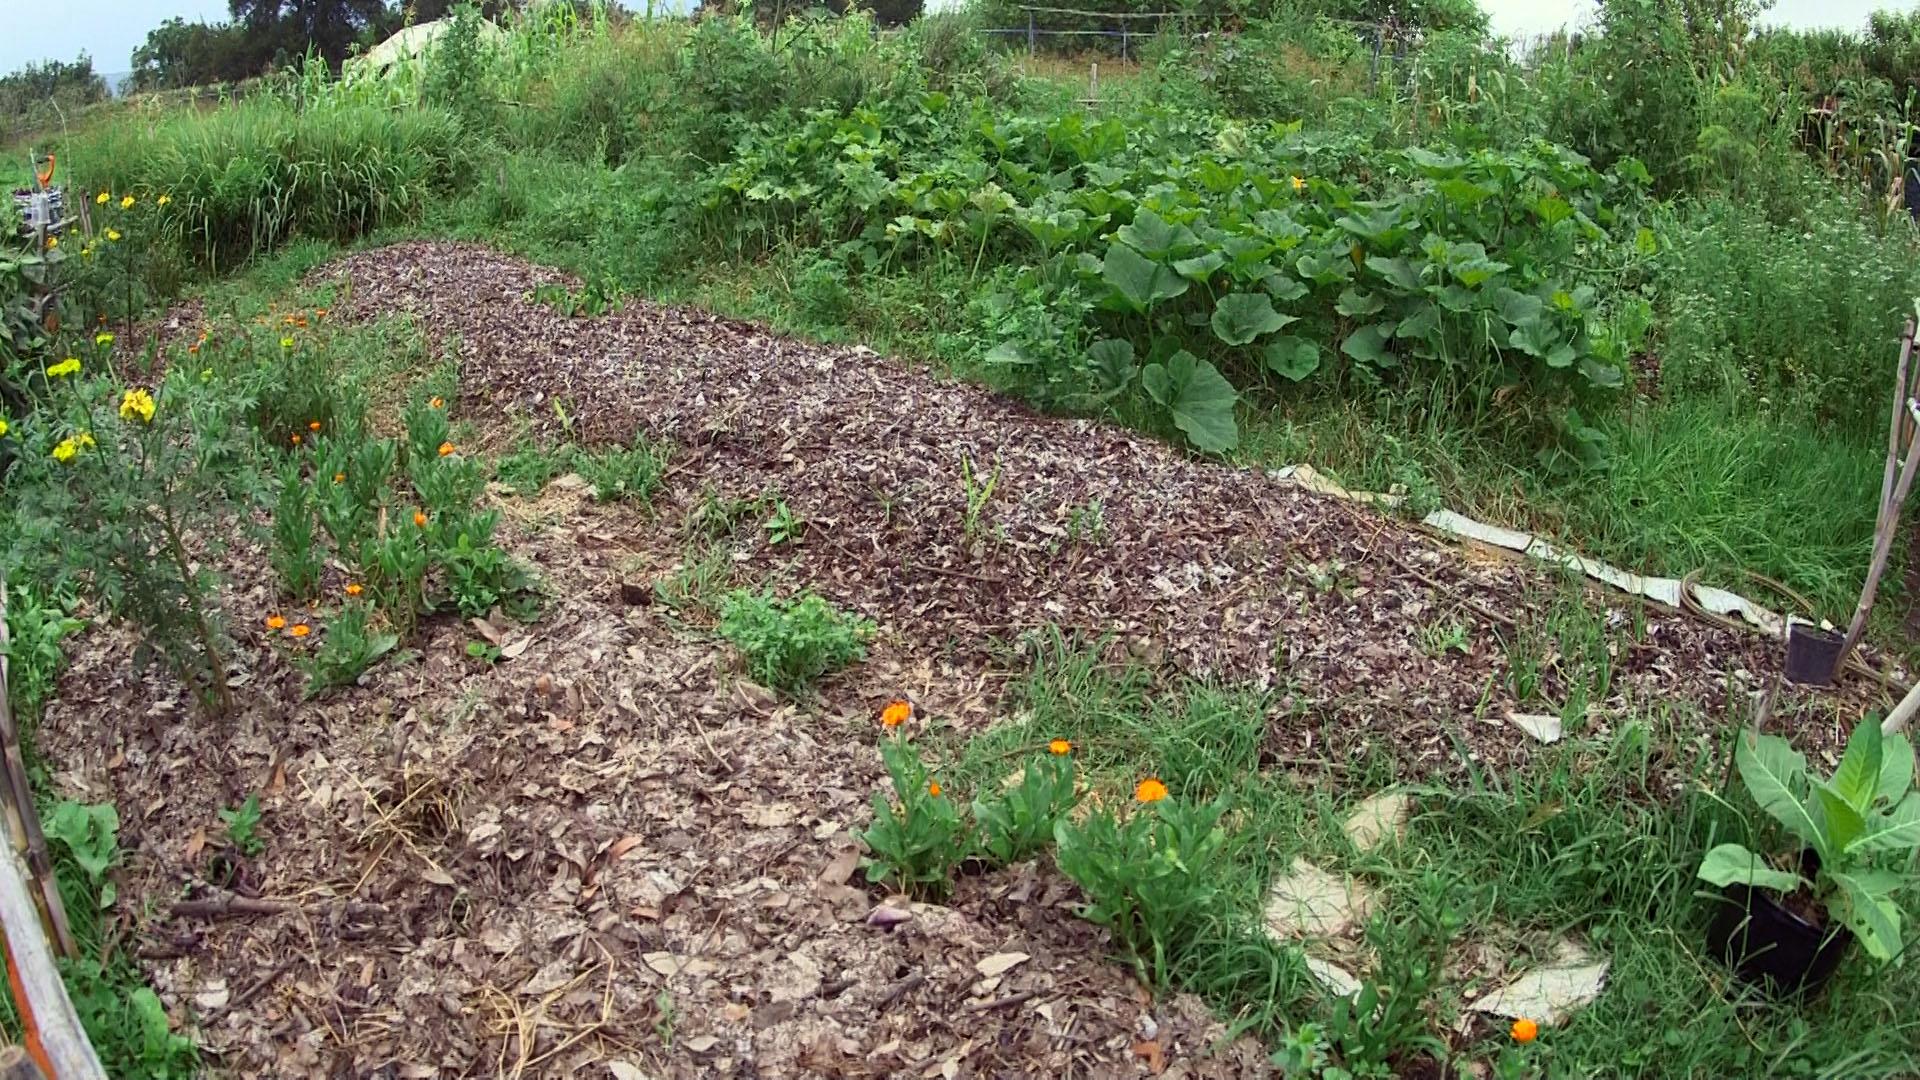 Tierra enriquecida con humus de lombriz y residuos del campo como hojarasca y zacate